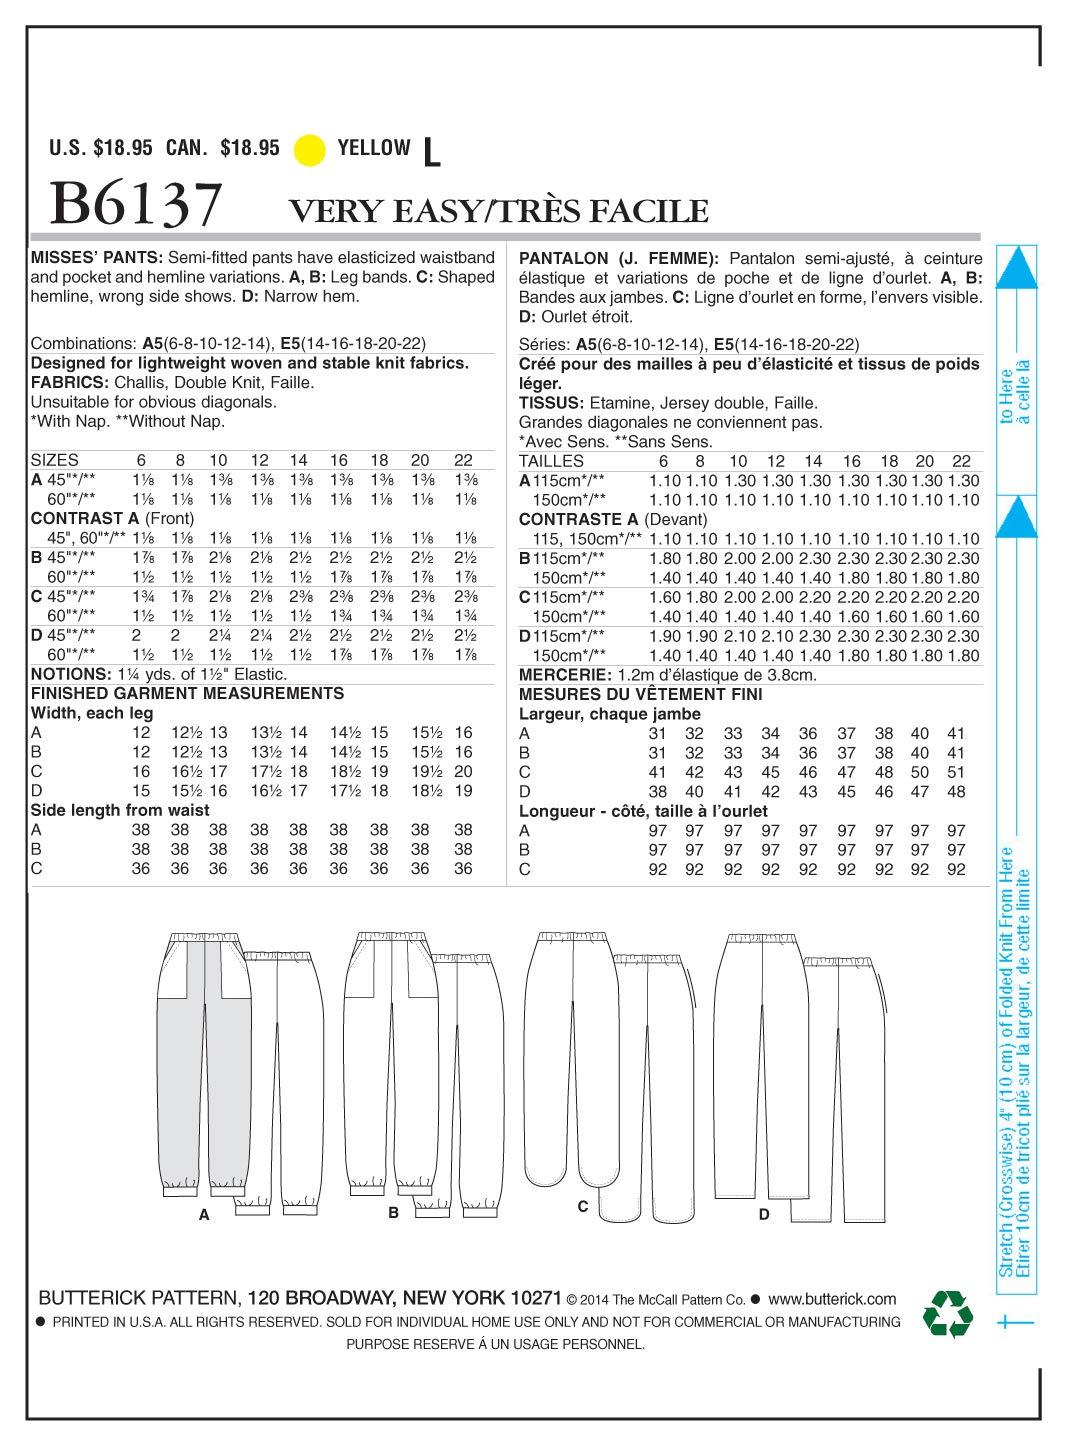 Butterick B6137 costura para confeccionar blusas, trajes, vestidos, moda, BTK 6137 A5 (6-14) Deu. Gr. 32-40: Amazon.es: Hogar